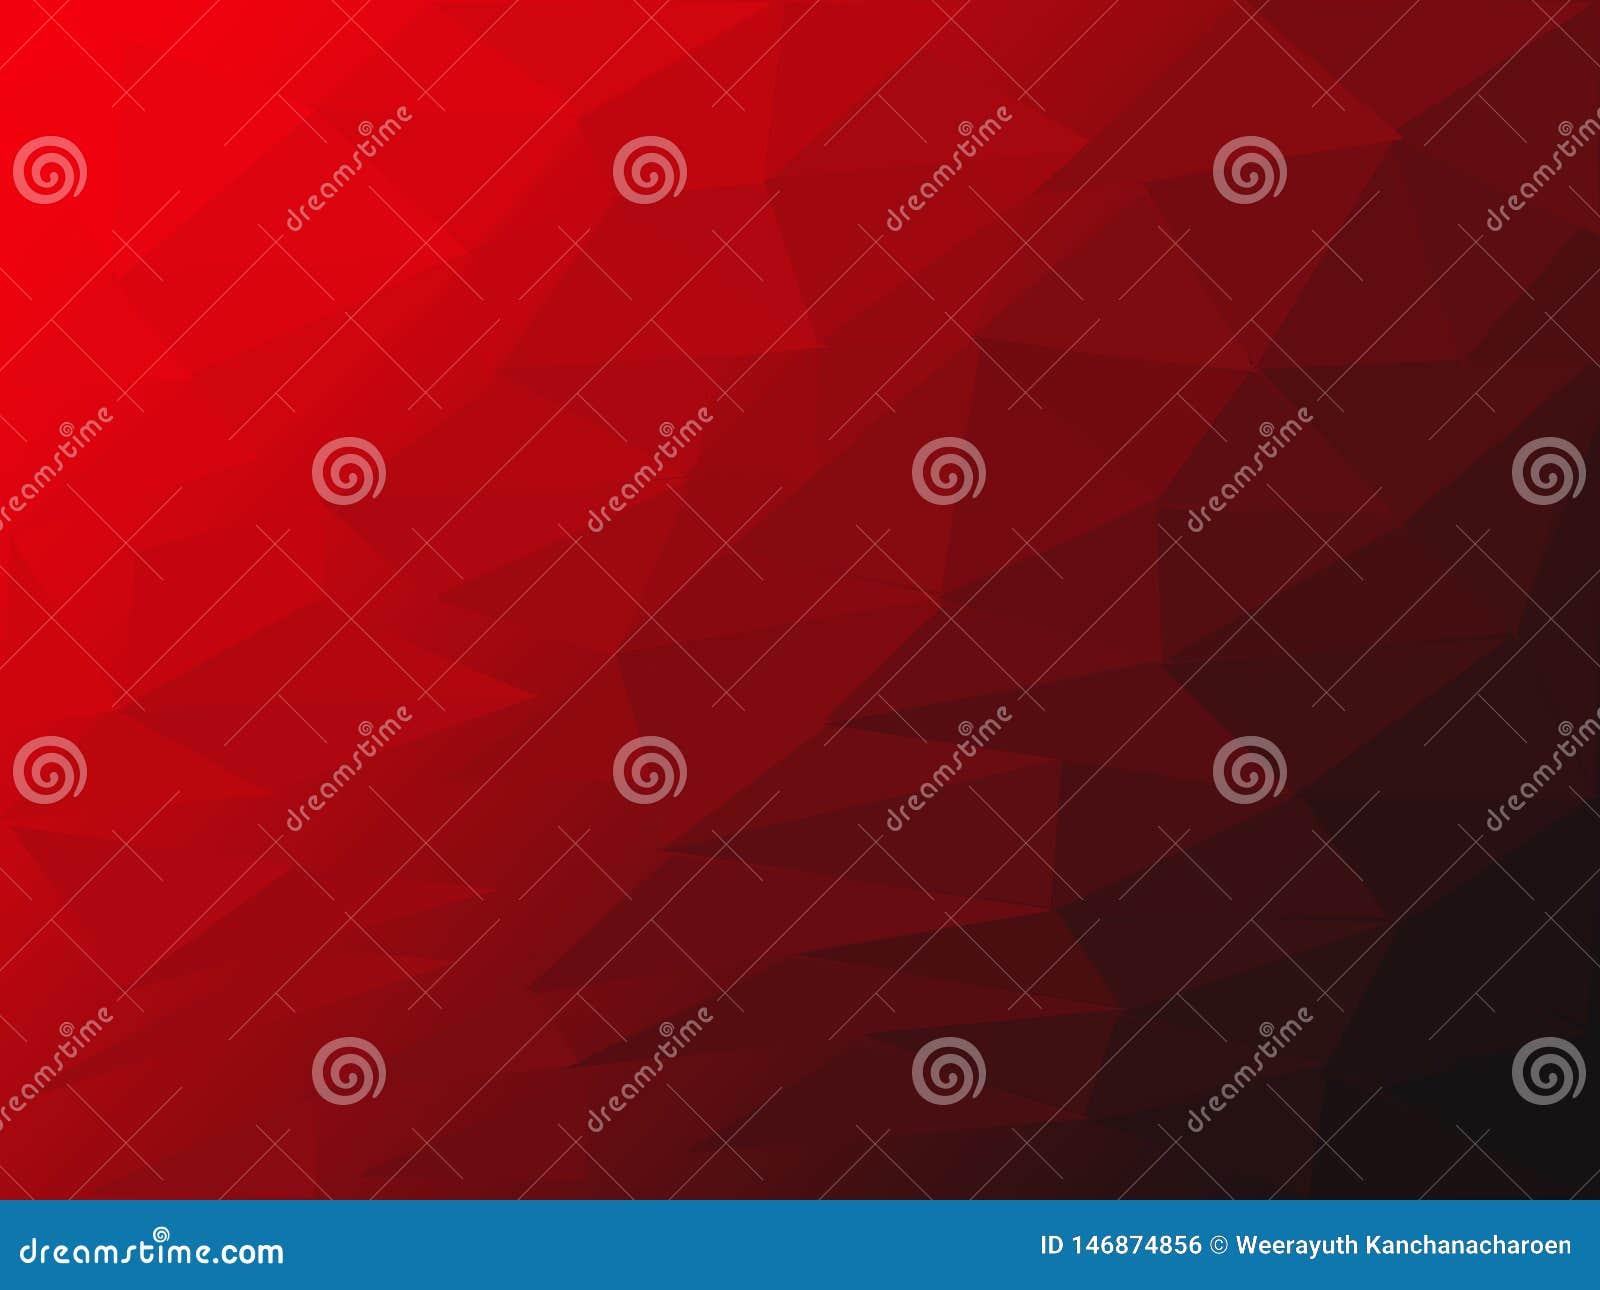 Fundo do close up bonito papel de parede vermelhos e pretos da ilustração da textura da cor e